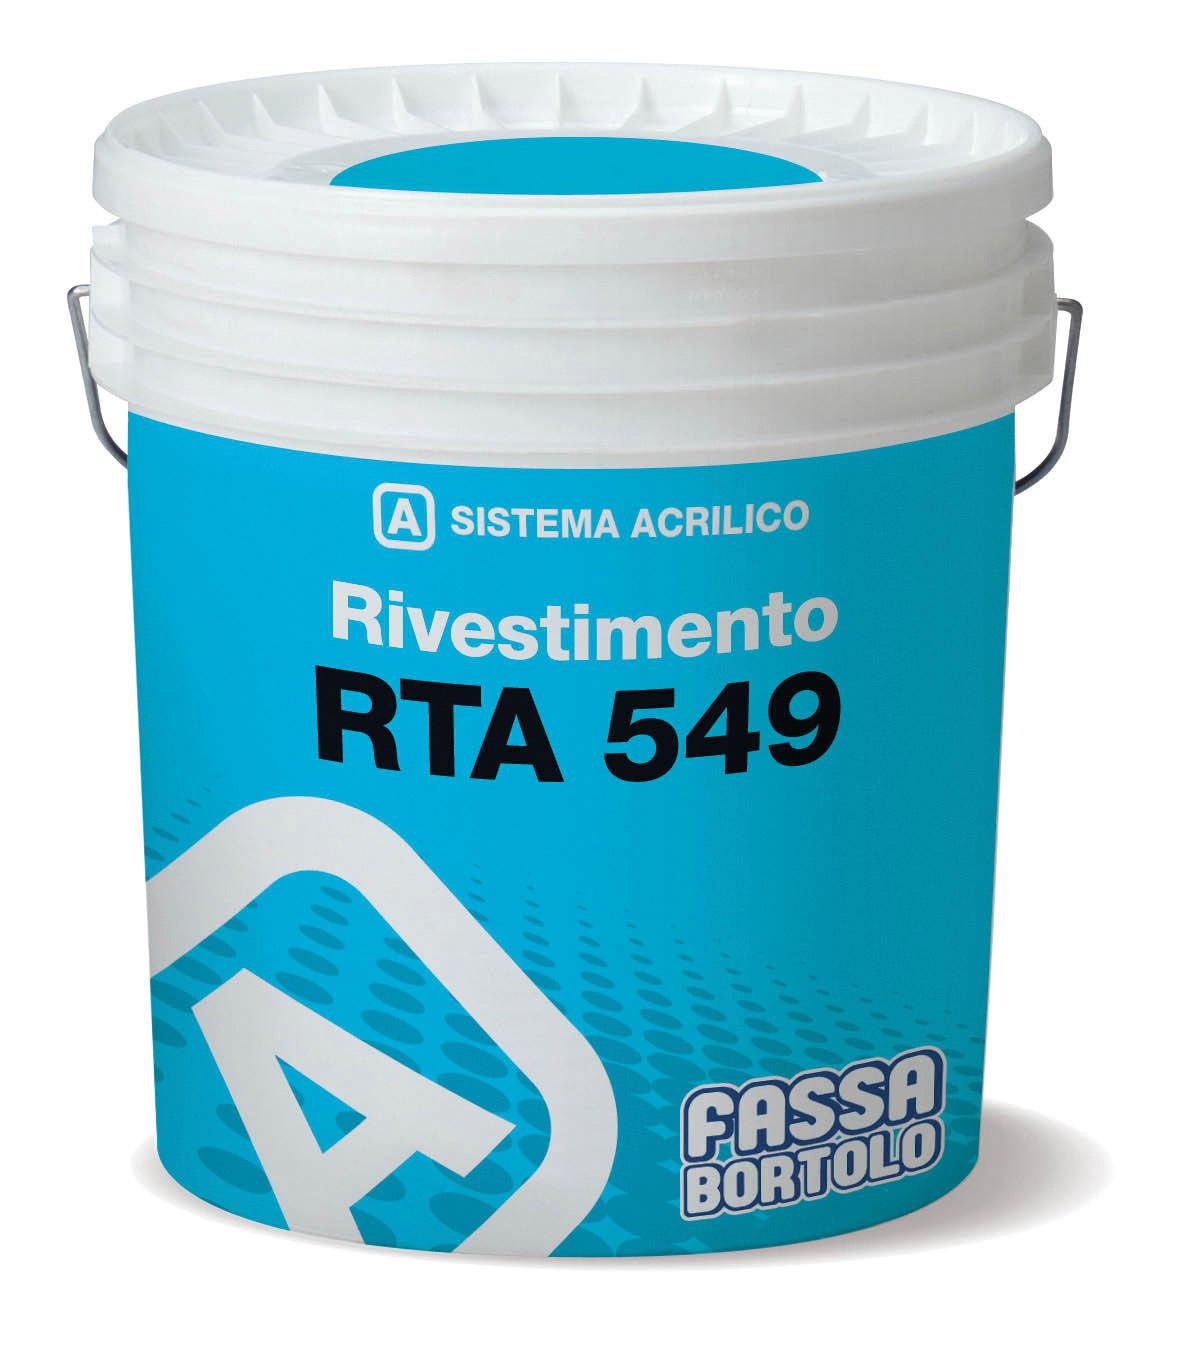 RTA 549: Rivestimento acrilico idoneo per superfici termo coibentate